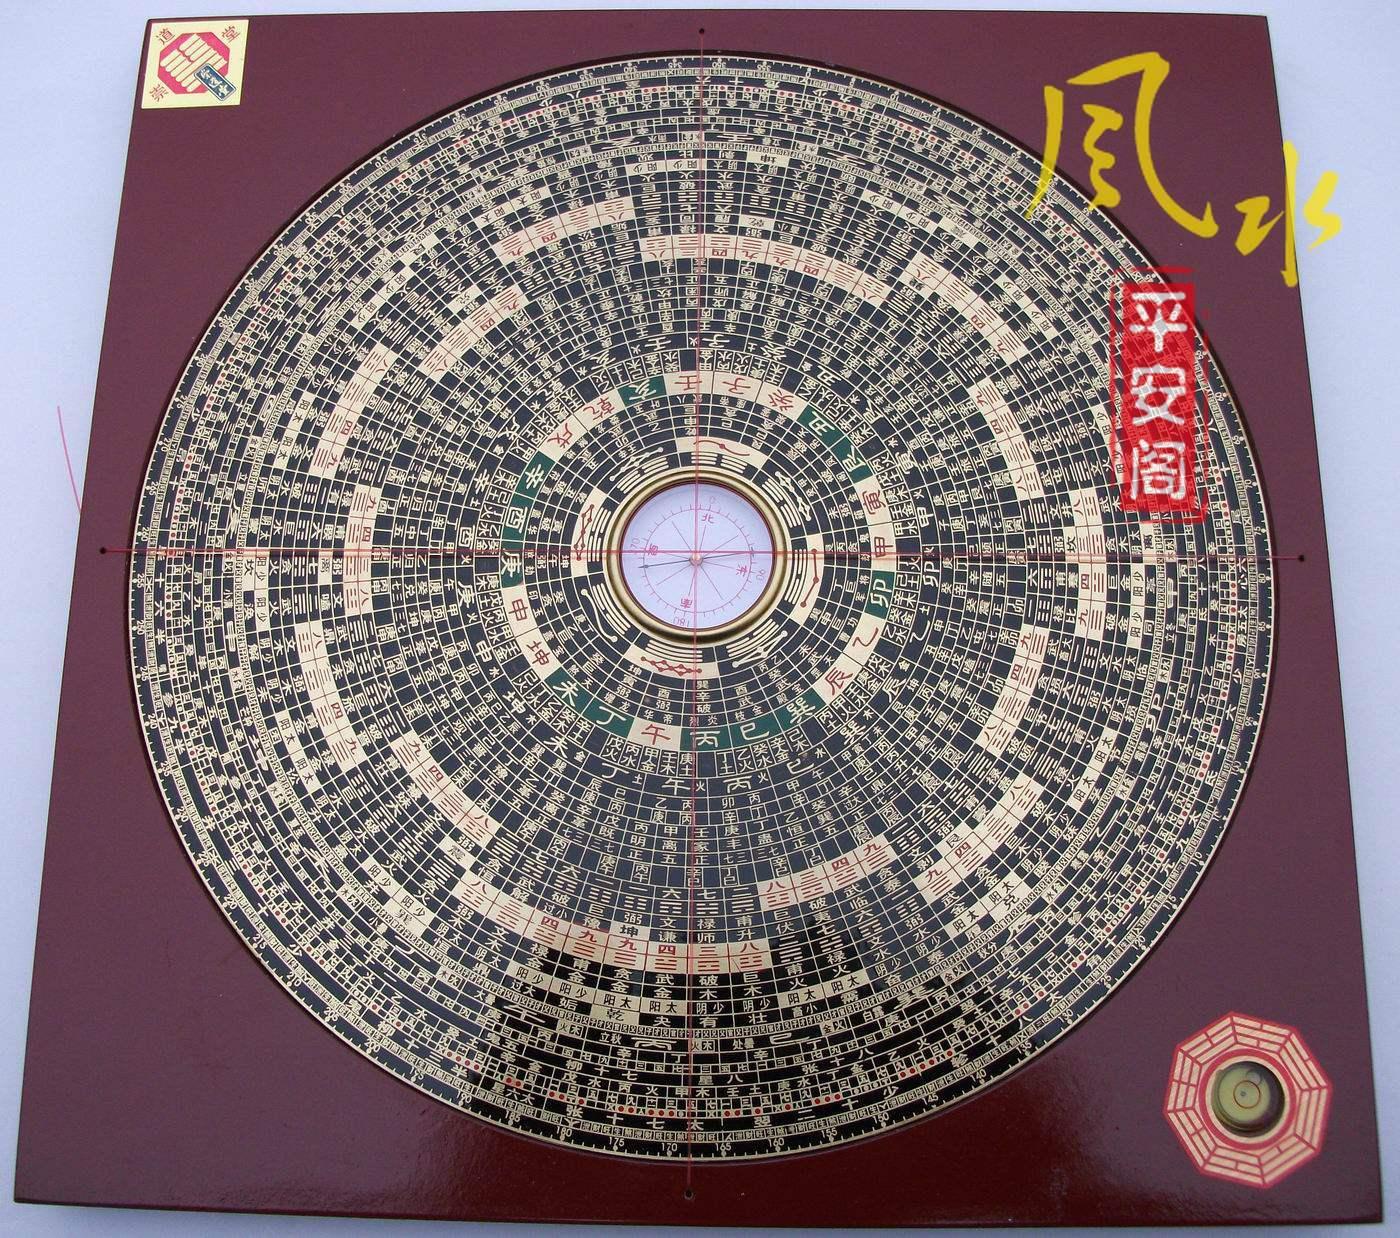 Китайский компас Профессиональный 10 дюймов 1 фут поклонения церкви три триады всеобъемлющей аутентичные Фэн Шуй Компас/36 меди компас книги